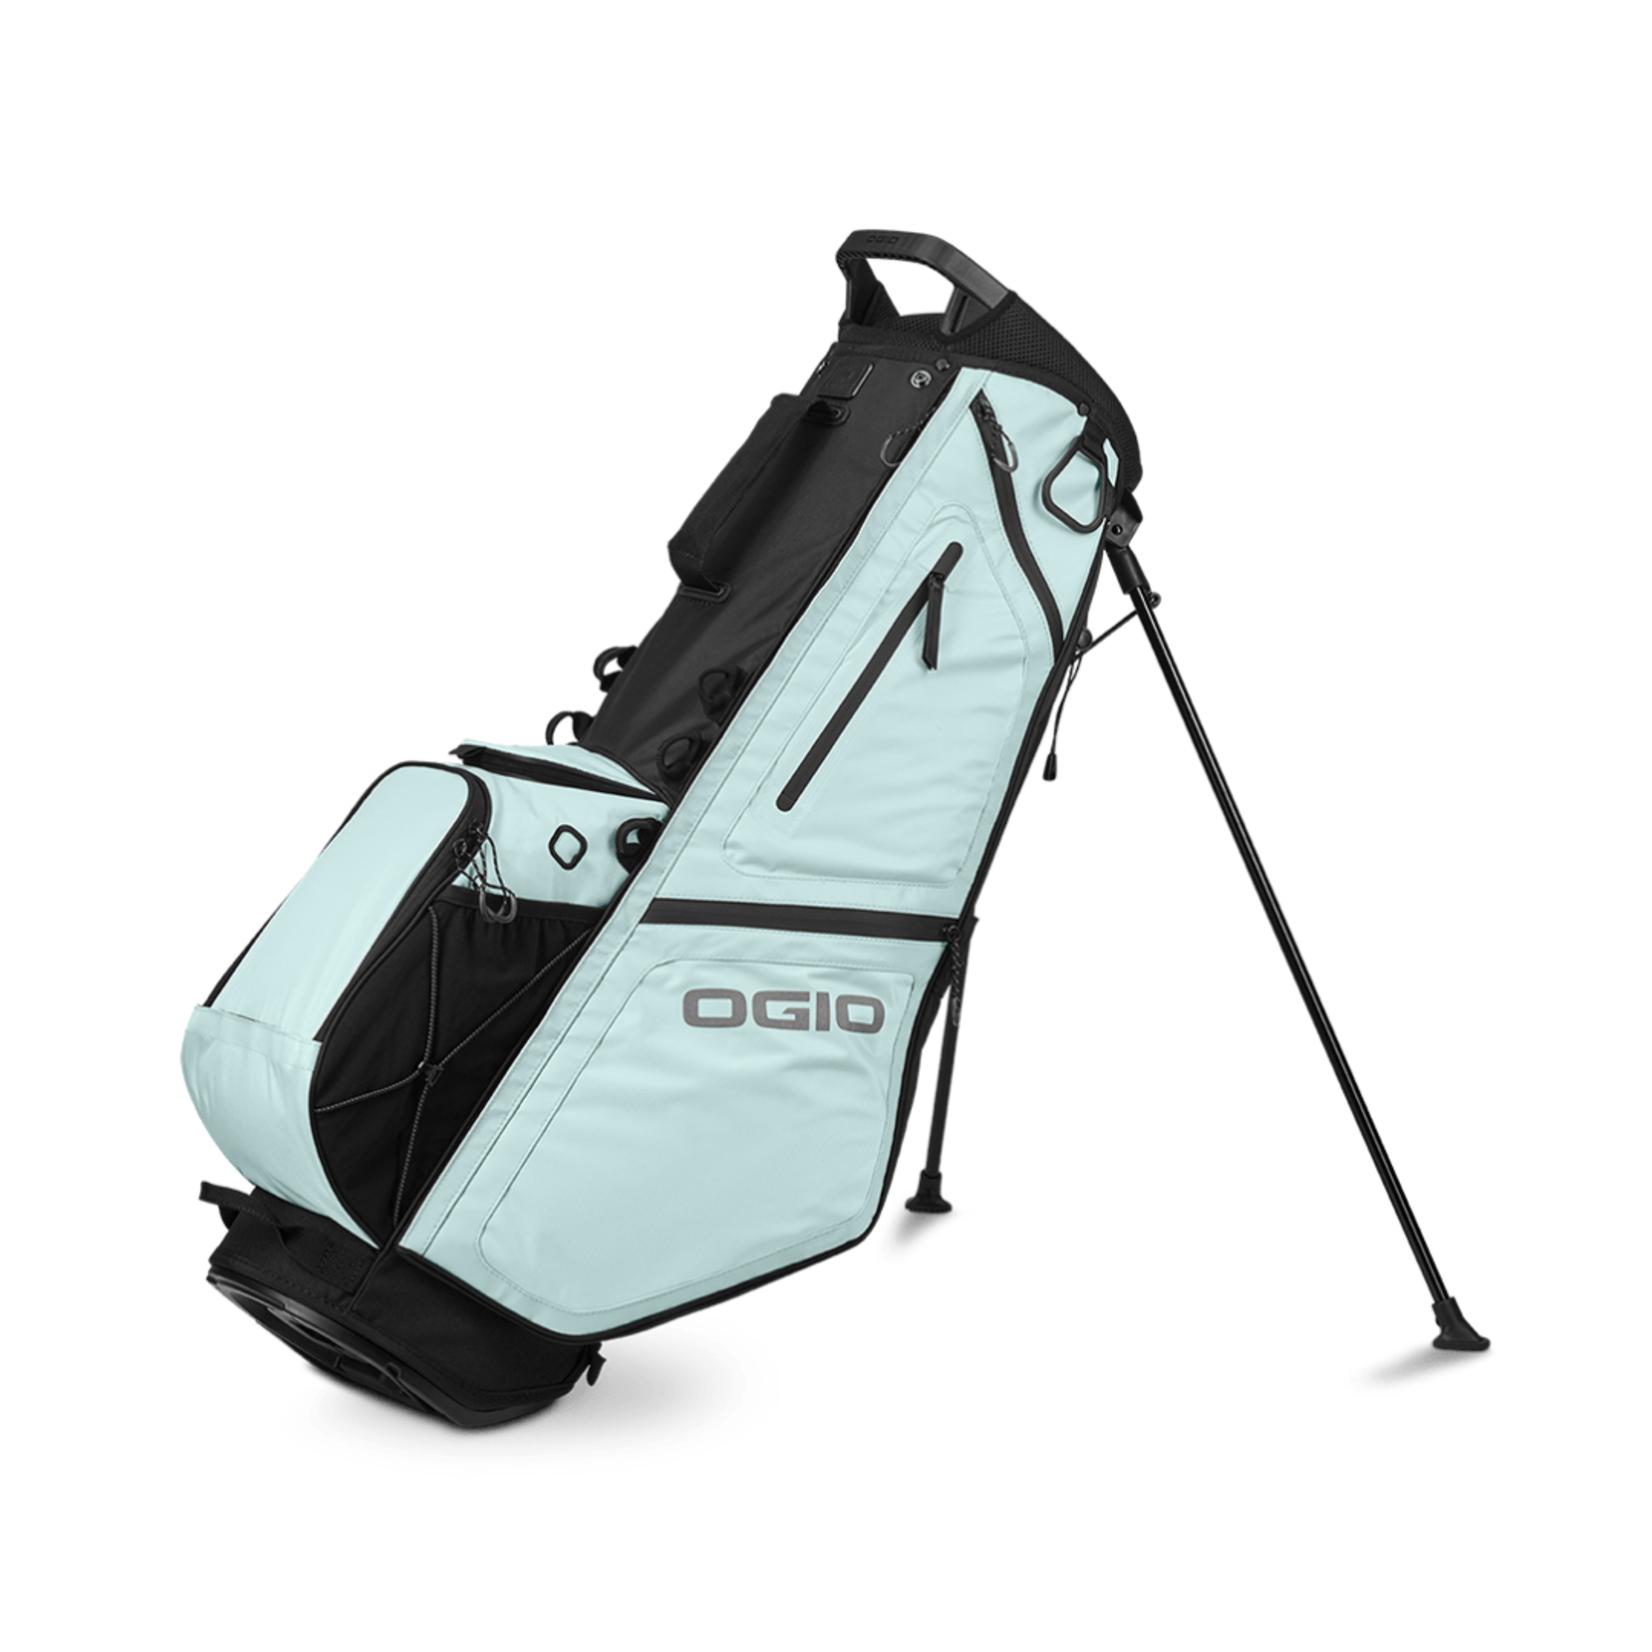 Ogio OGIO Stand Bag AL XIX 5 '20